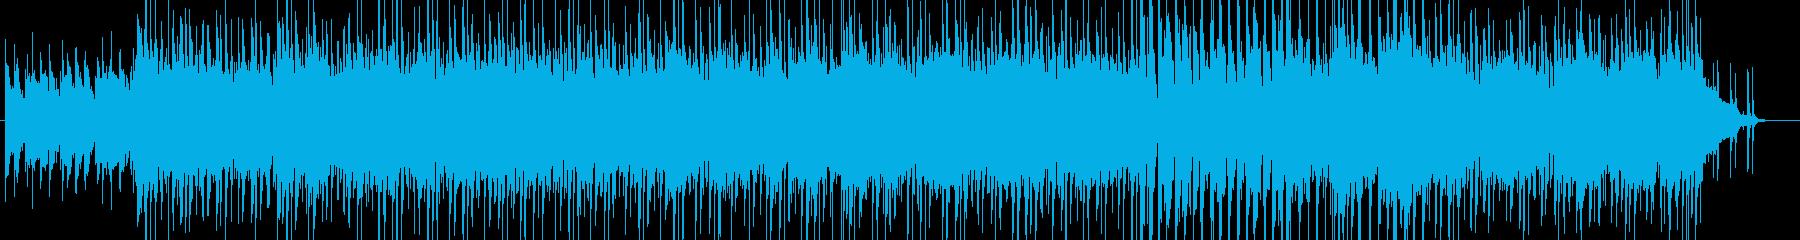 元気 ロック キッズ ピアニカBGMの再生済みの波形